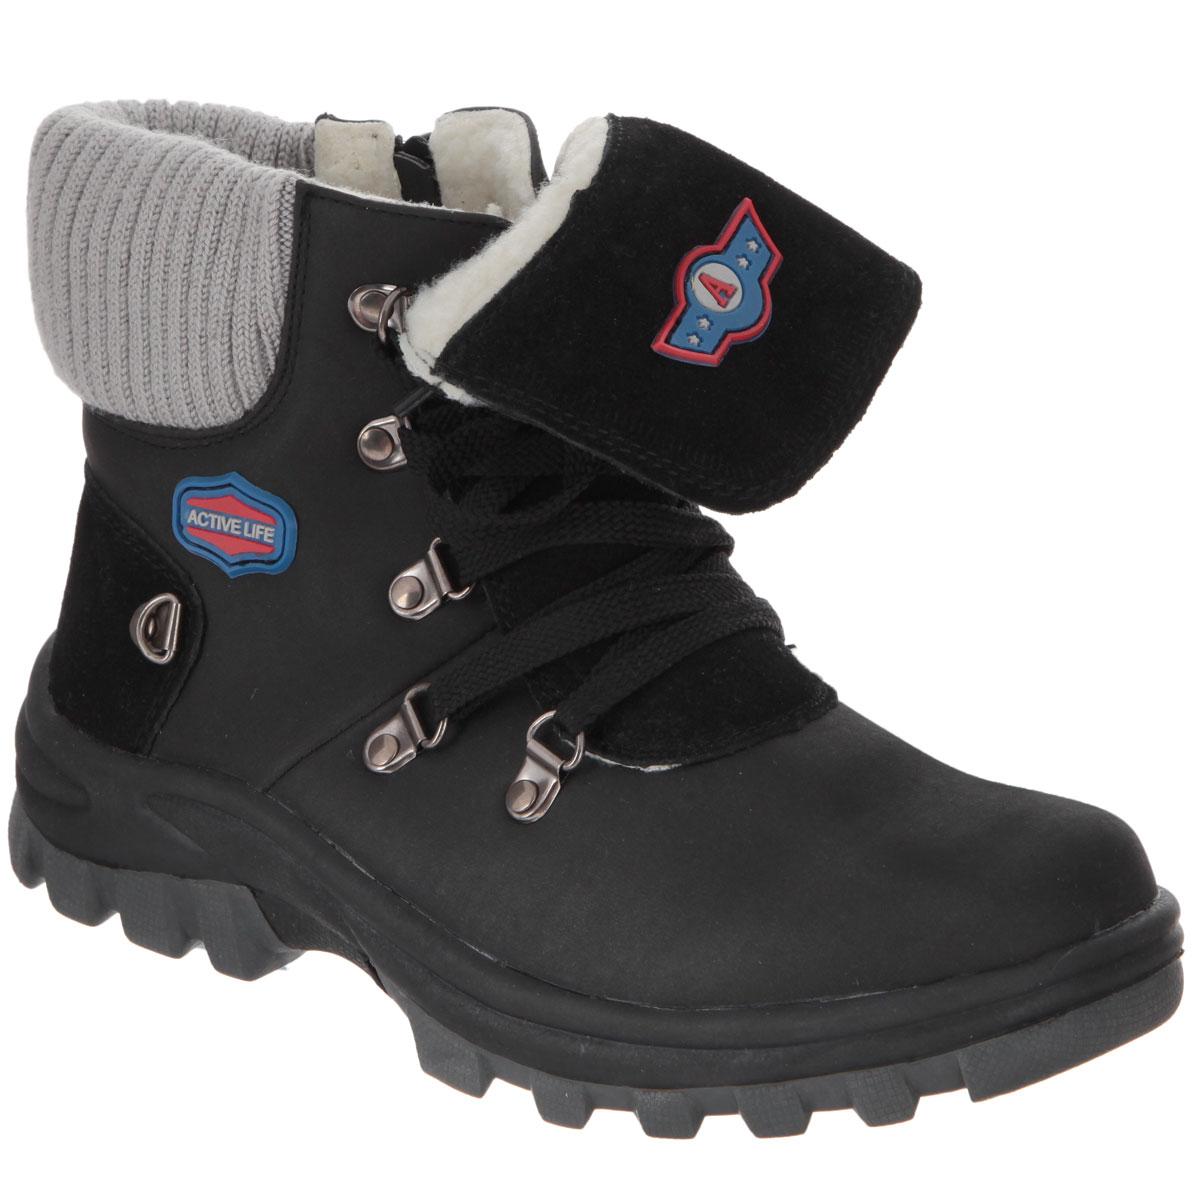 Ботинки для мальчика Аллигаша, цвет: черный, серый. 13-361. Размер 3413-361Замечательные детские ботинки для мальчика Аллигаша, изготовленные из современных материалов, идеальны не только для осенне-весеннего сезона, но и для морозных зимних дней. Они обеспечат удобство и комфорт ножкам вашего малыша. Верх выполнен из комбинации высококачественных искусственных материалов.Модель на высокой рифленой подошве с округлым мыском обеспечивает удобство и практичность на каждый день. Удобная пяточная часть укреплена жестким задником. Внутренняя отделка из натуральной шерсти согреет ноги в любое ненастье. Стелька также выполнена из натуральной шерсти. Функциональная застежка-молния сбоку и стильная шнуровка обеспечивают практичность и комфортную фиксацию модели на ноге. Рифленая прорезиненная подошва гарантирует естественное движение ноги и прекрасное сцепление на любой поверхности. Оформлена модель металлическими клепками, а также прорезиненными вставками. В таких ботиночках ножкам вашего ребенка всегда будет комфортно, уютно и тепло!